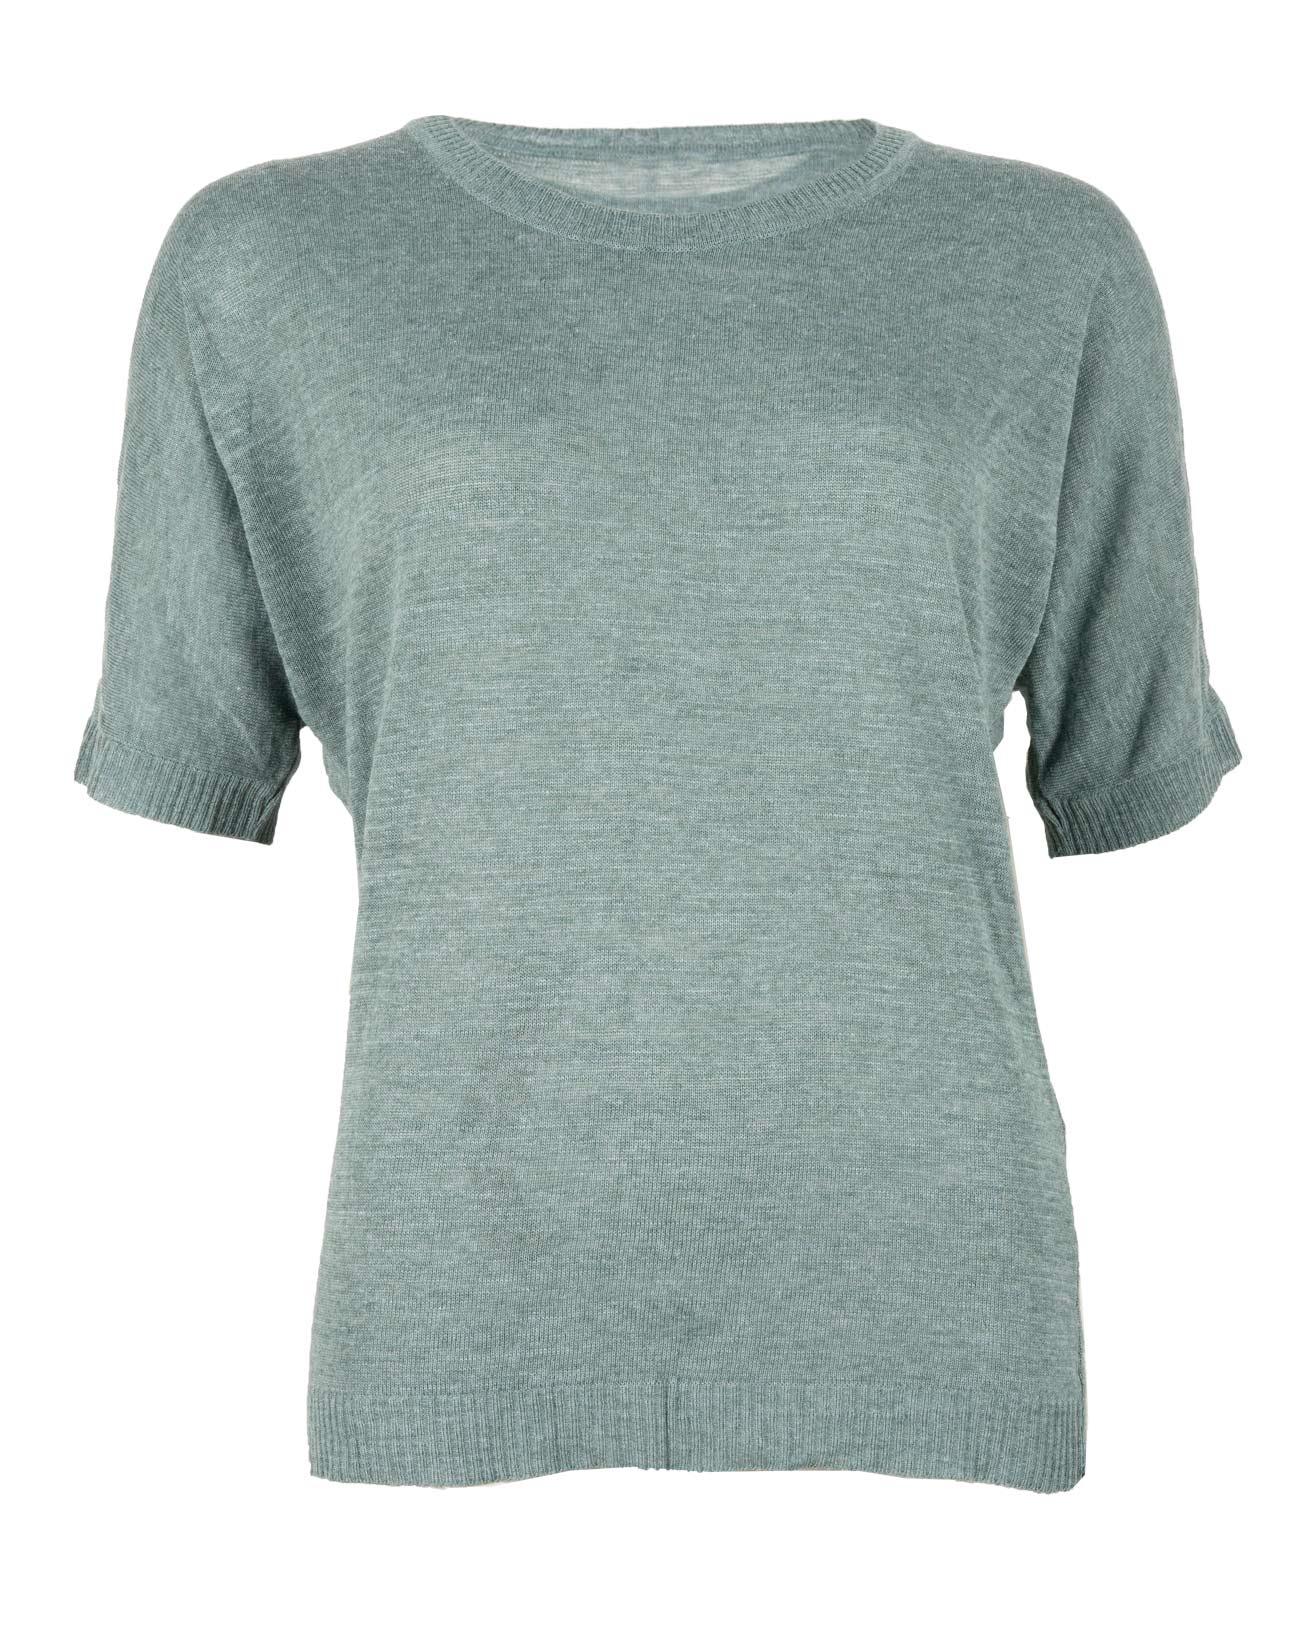 Linen Tshirt - Size Small - Aqua - 428